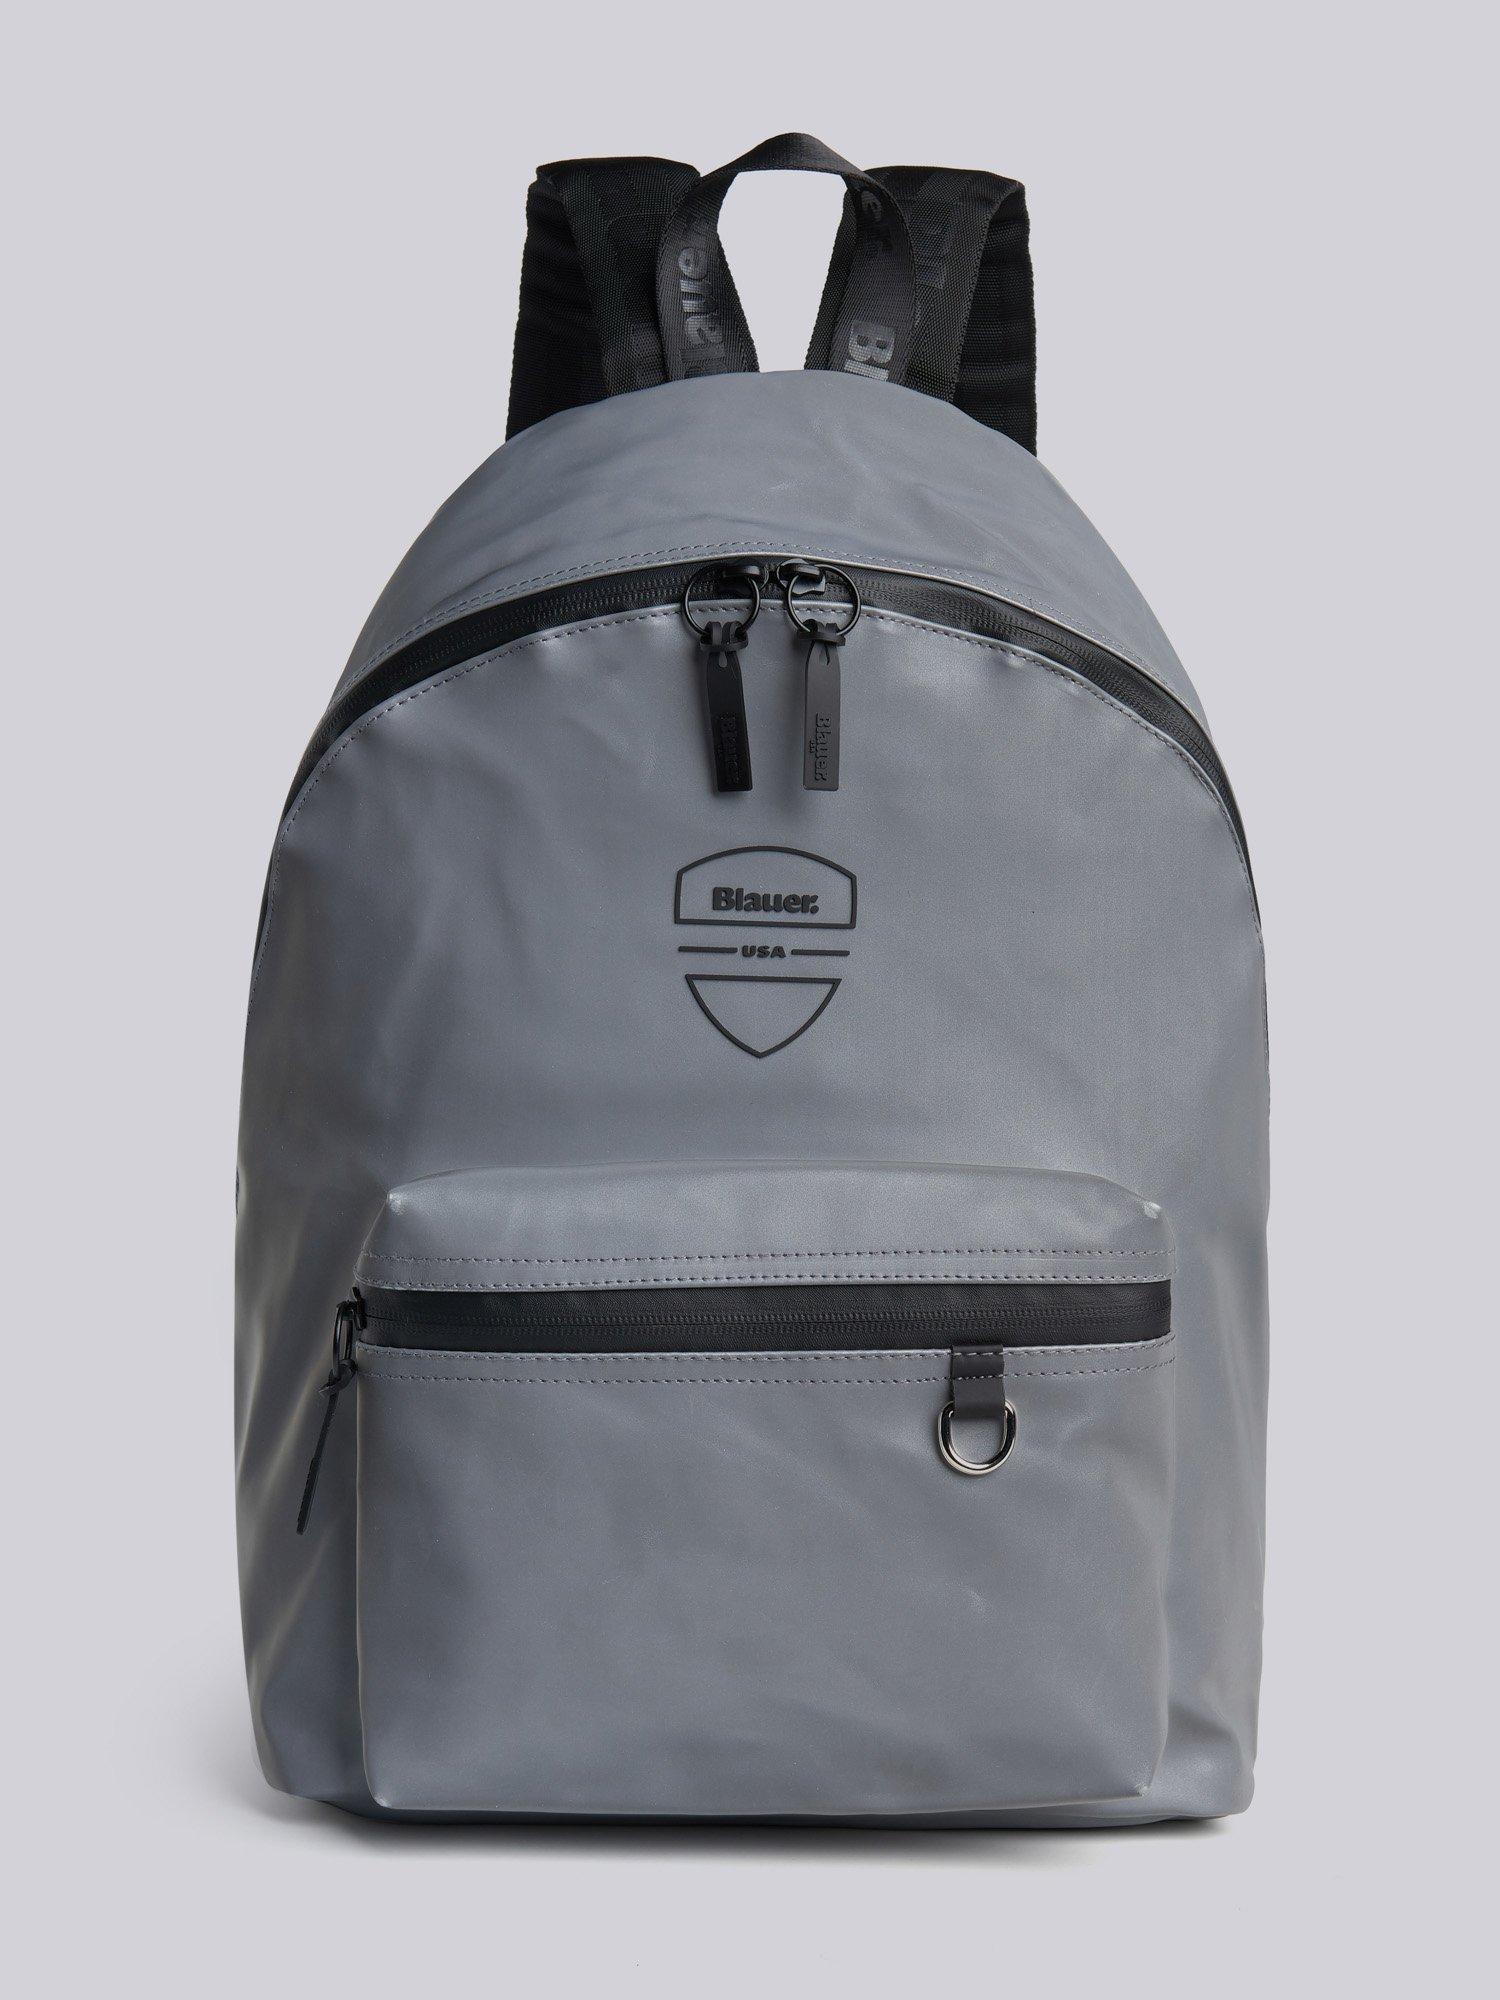 Blauer - NEVADA01E - Gray Steel - Blauer